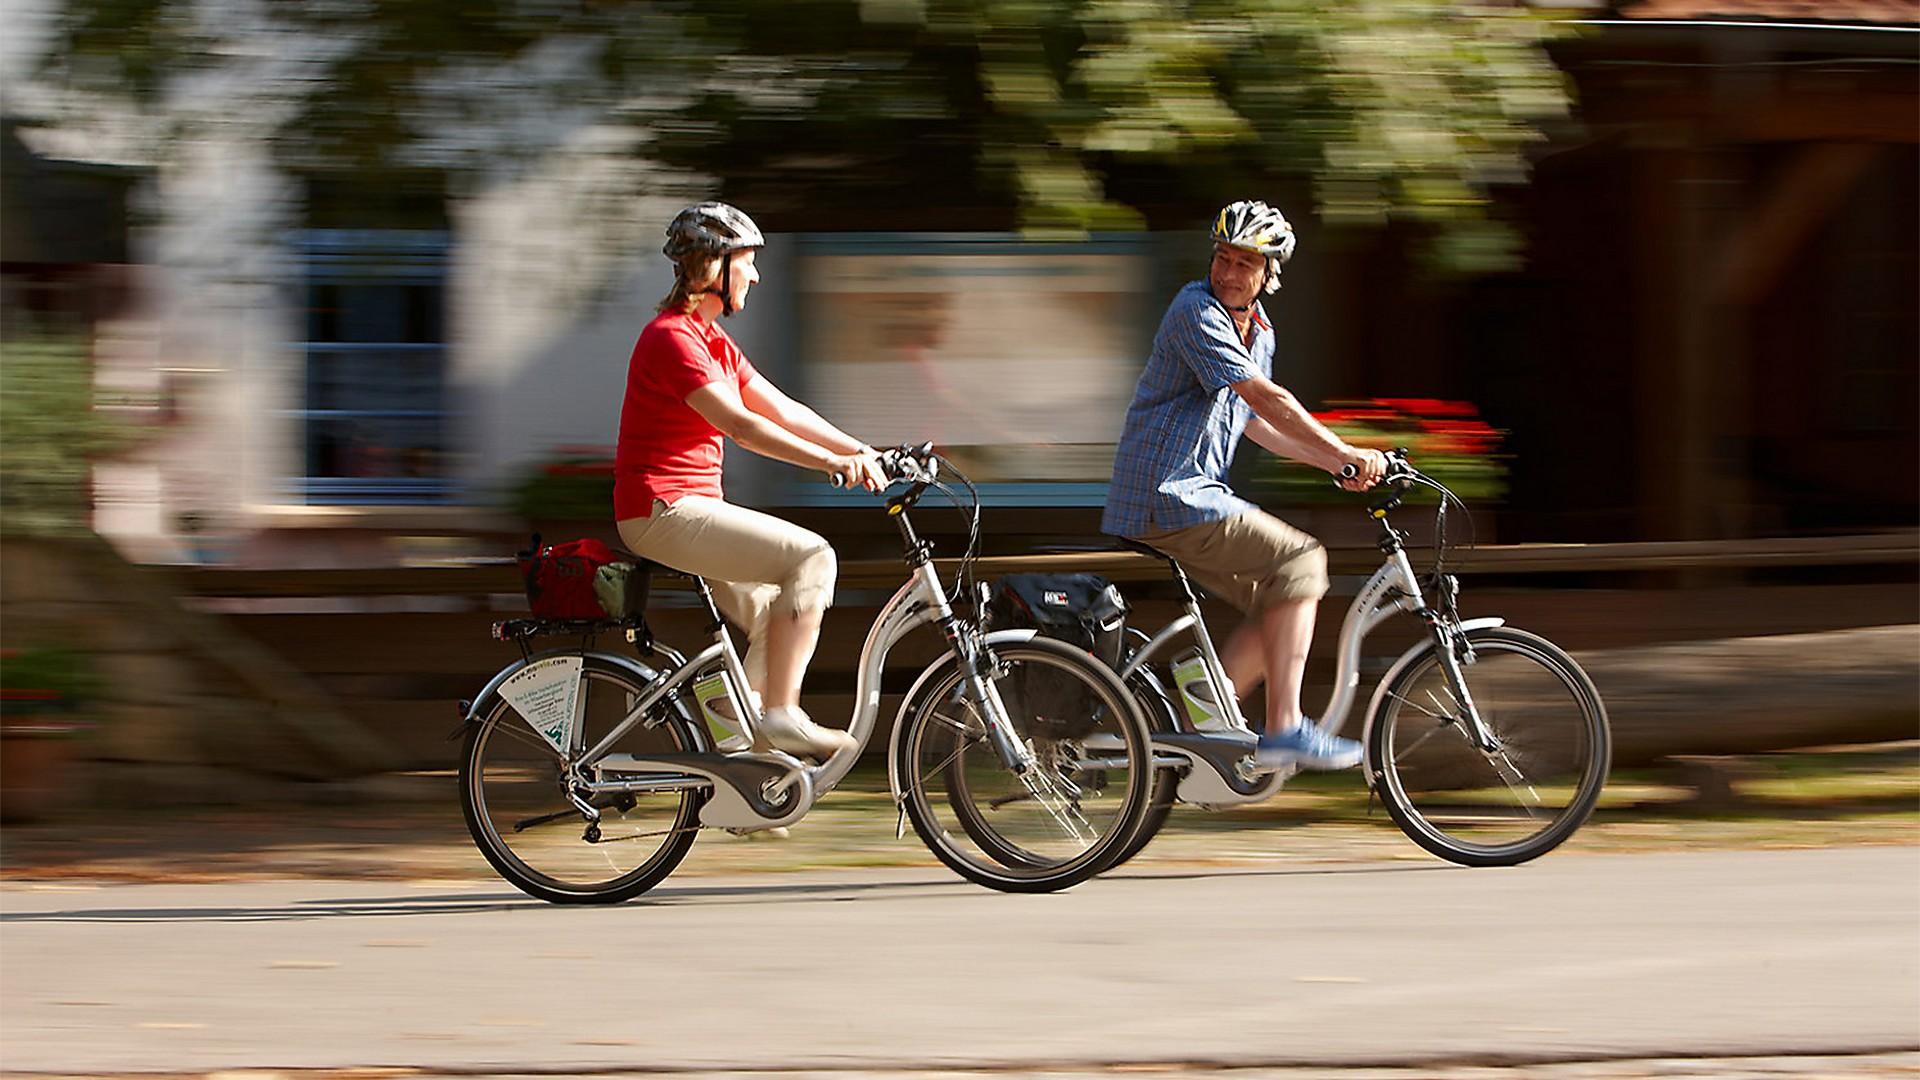 Montando en la bici - 3 1